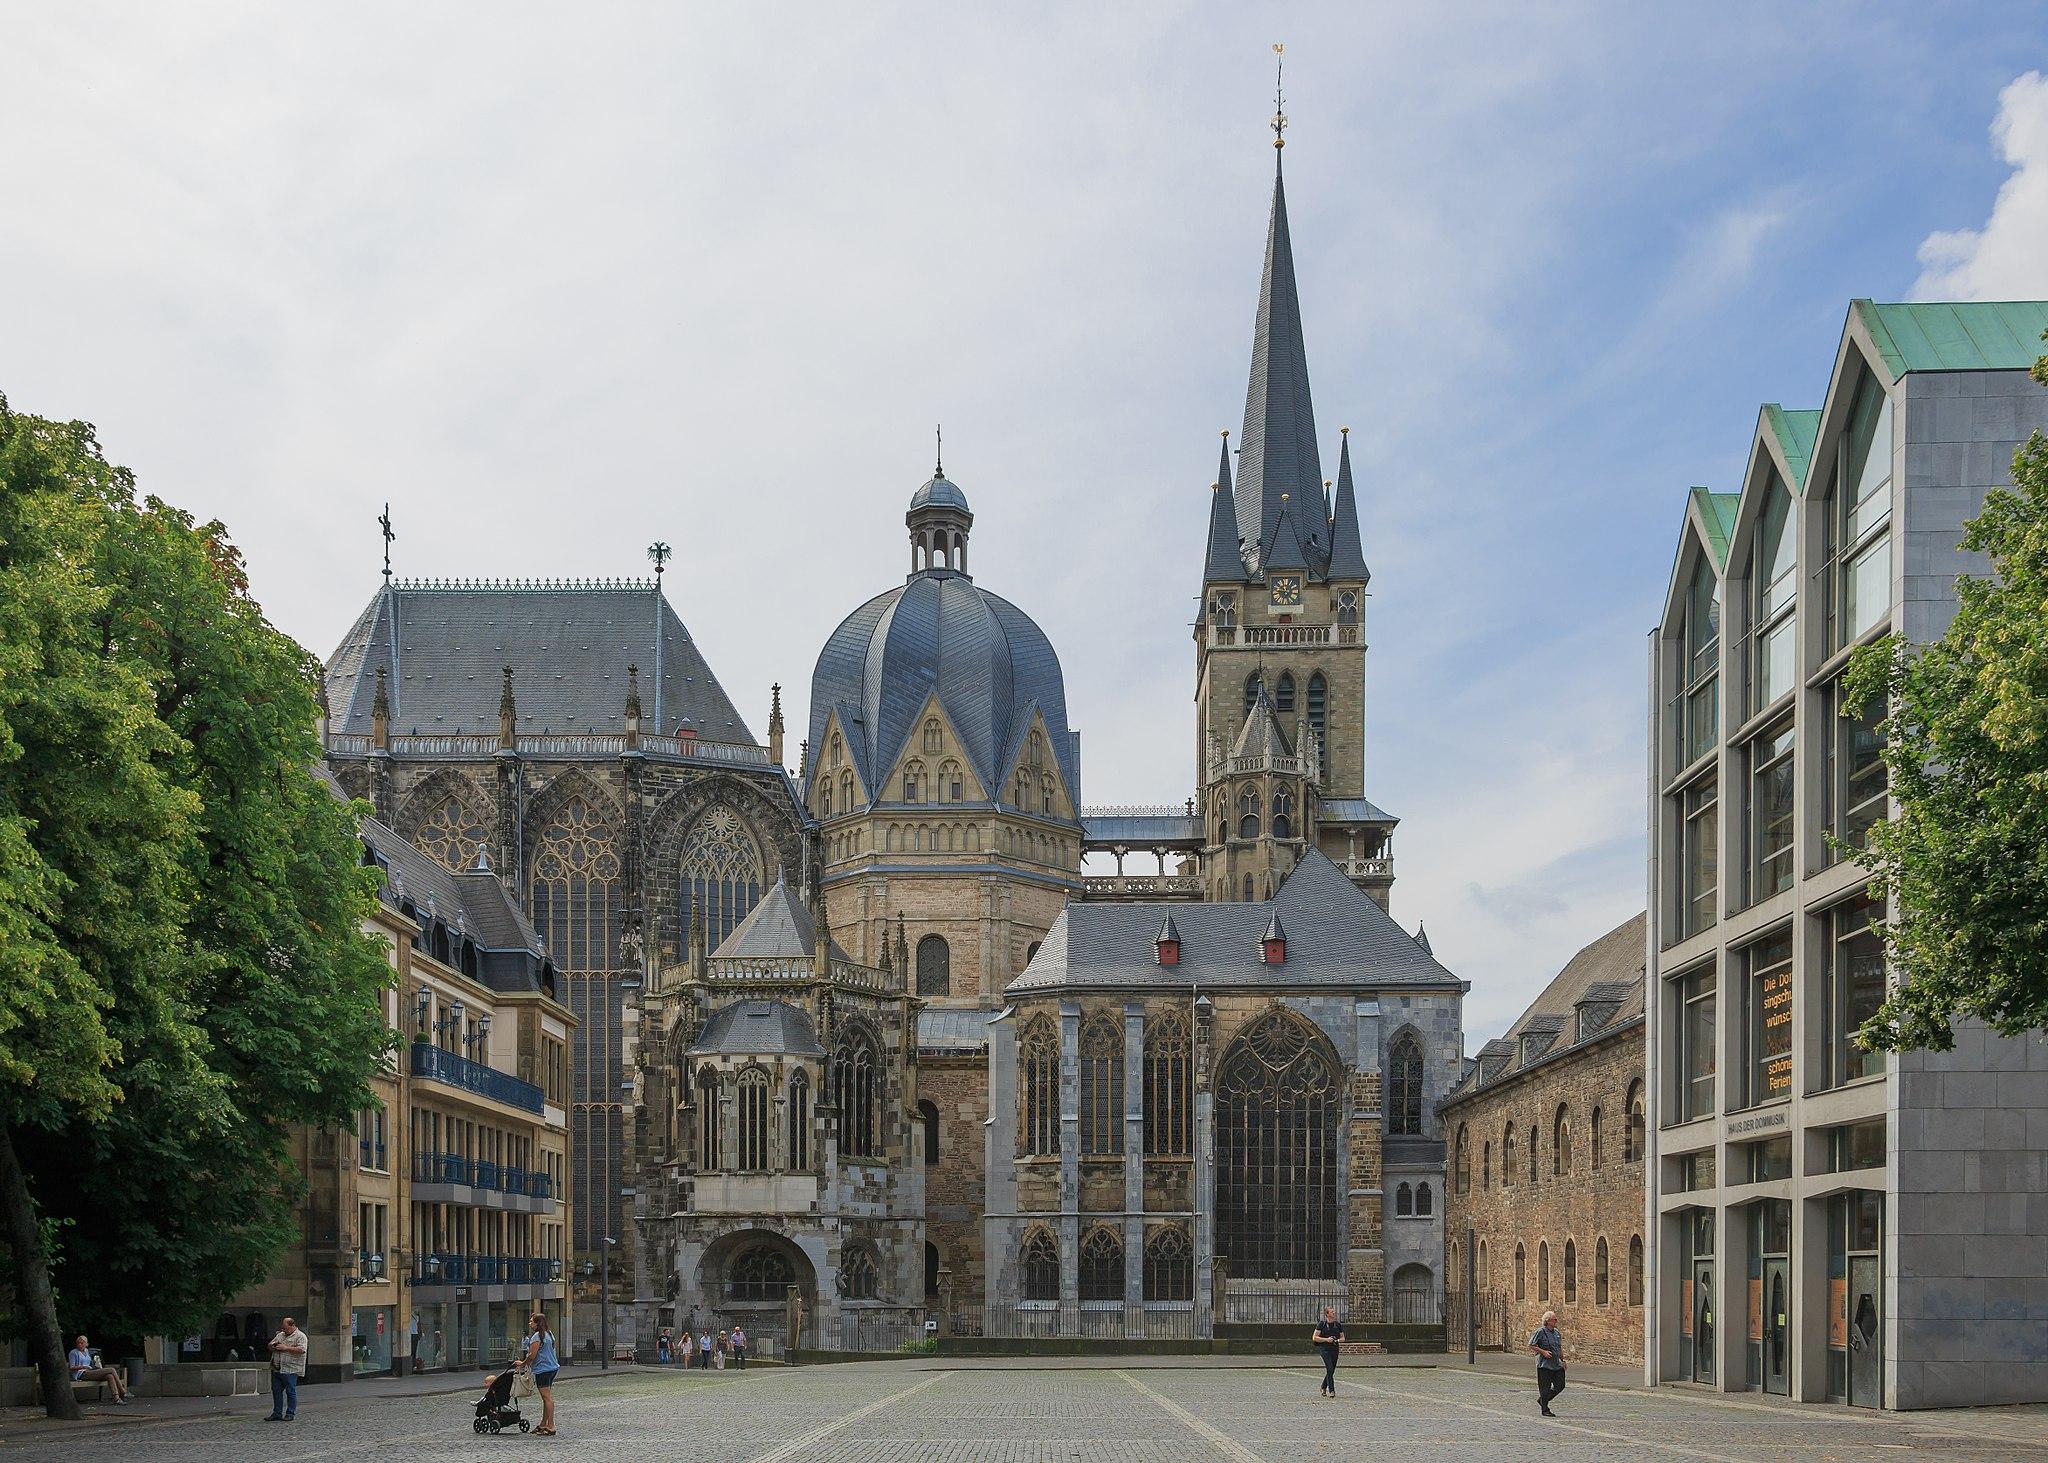 Von einem umbauten gepflasterten Platz aus sieht man den schlanken gotischen Turm, die Kuppel des achteckigen ursprünglichen Kirchenraums und das gotische Schiff des Aachener Doms.